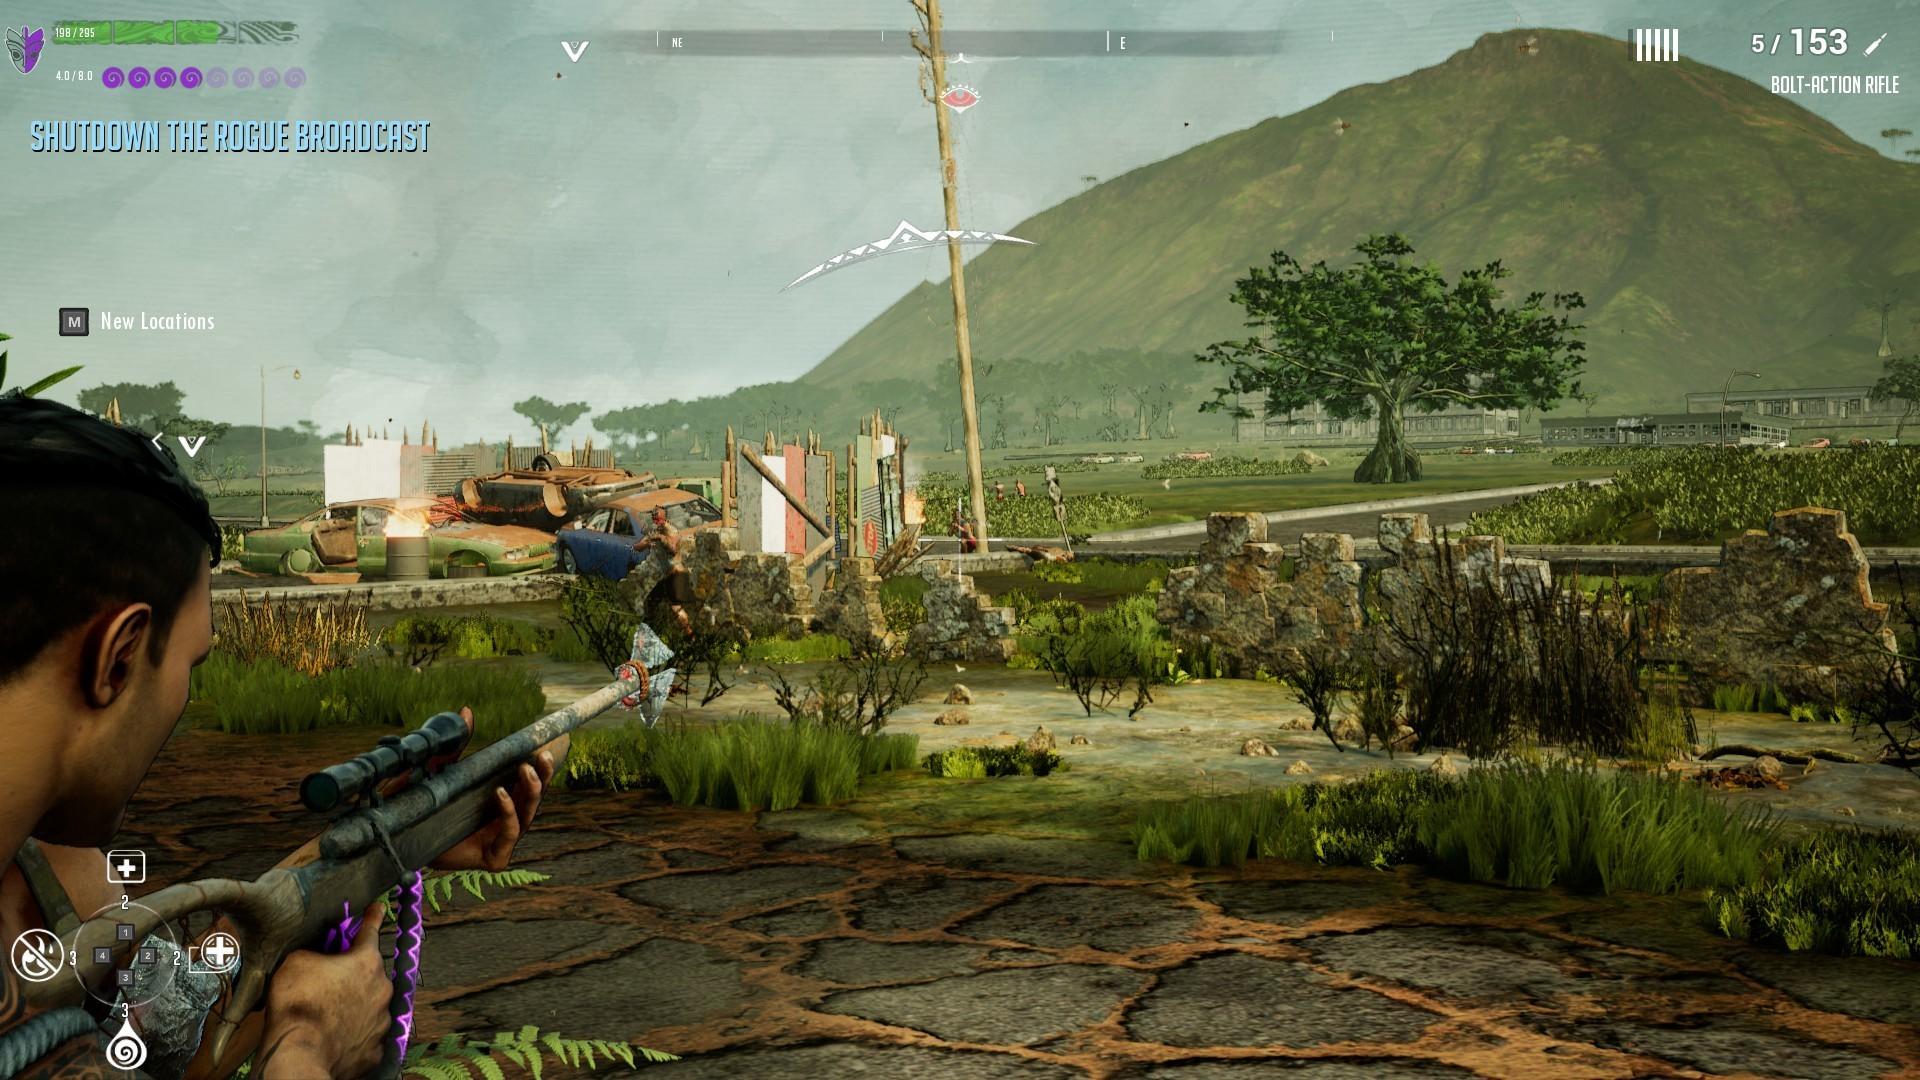 瓦胡岛的灰烬图片